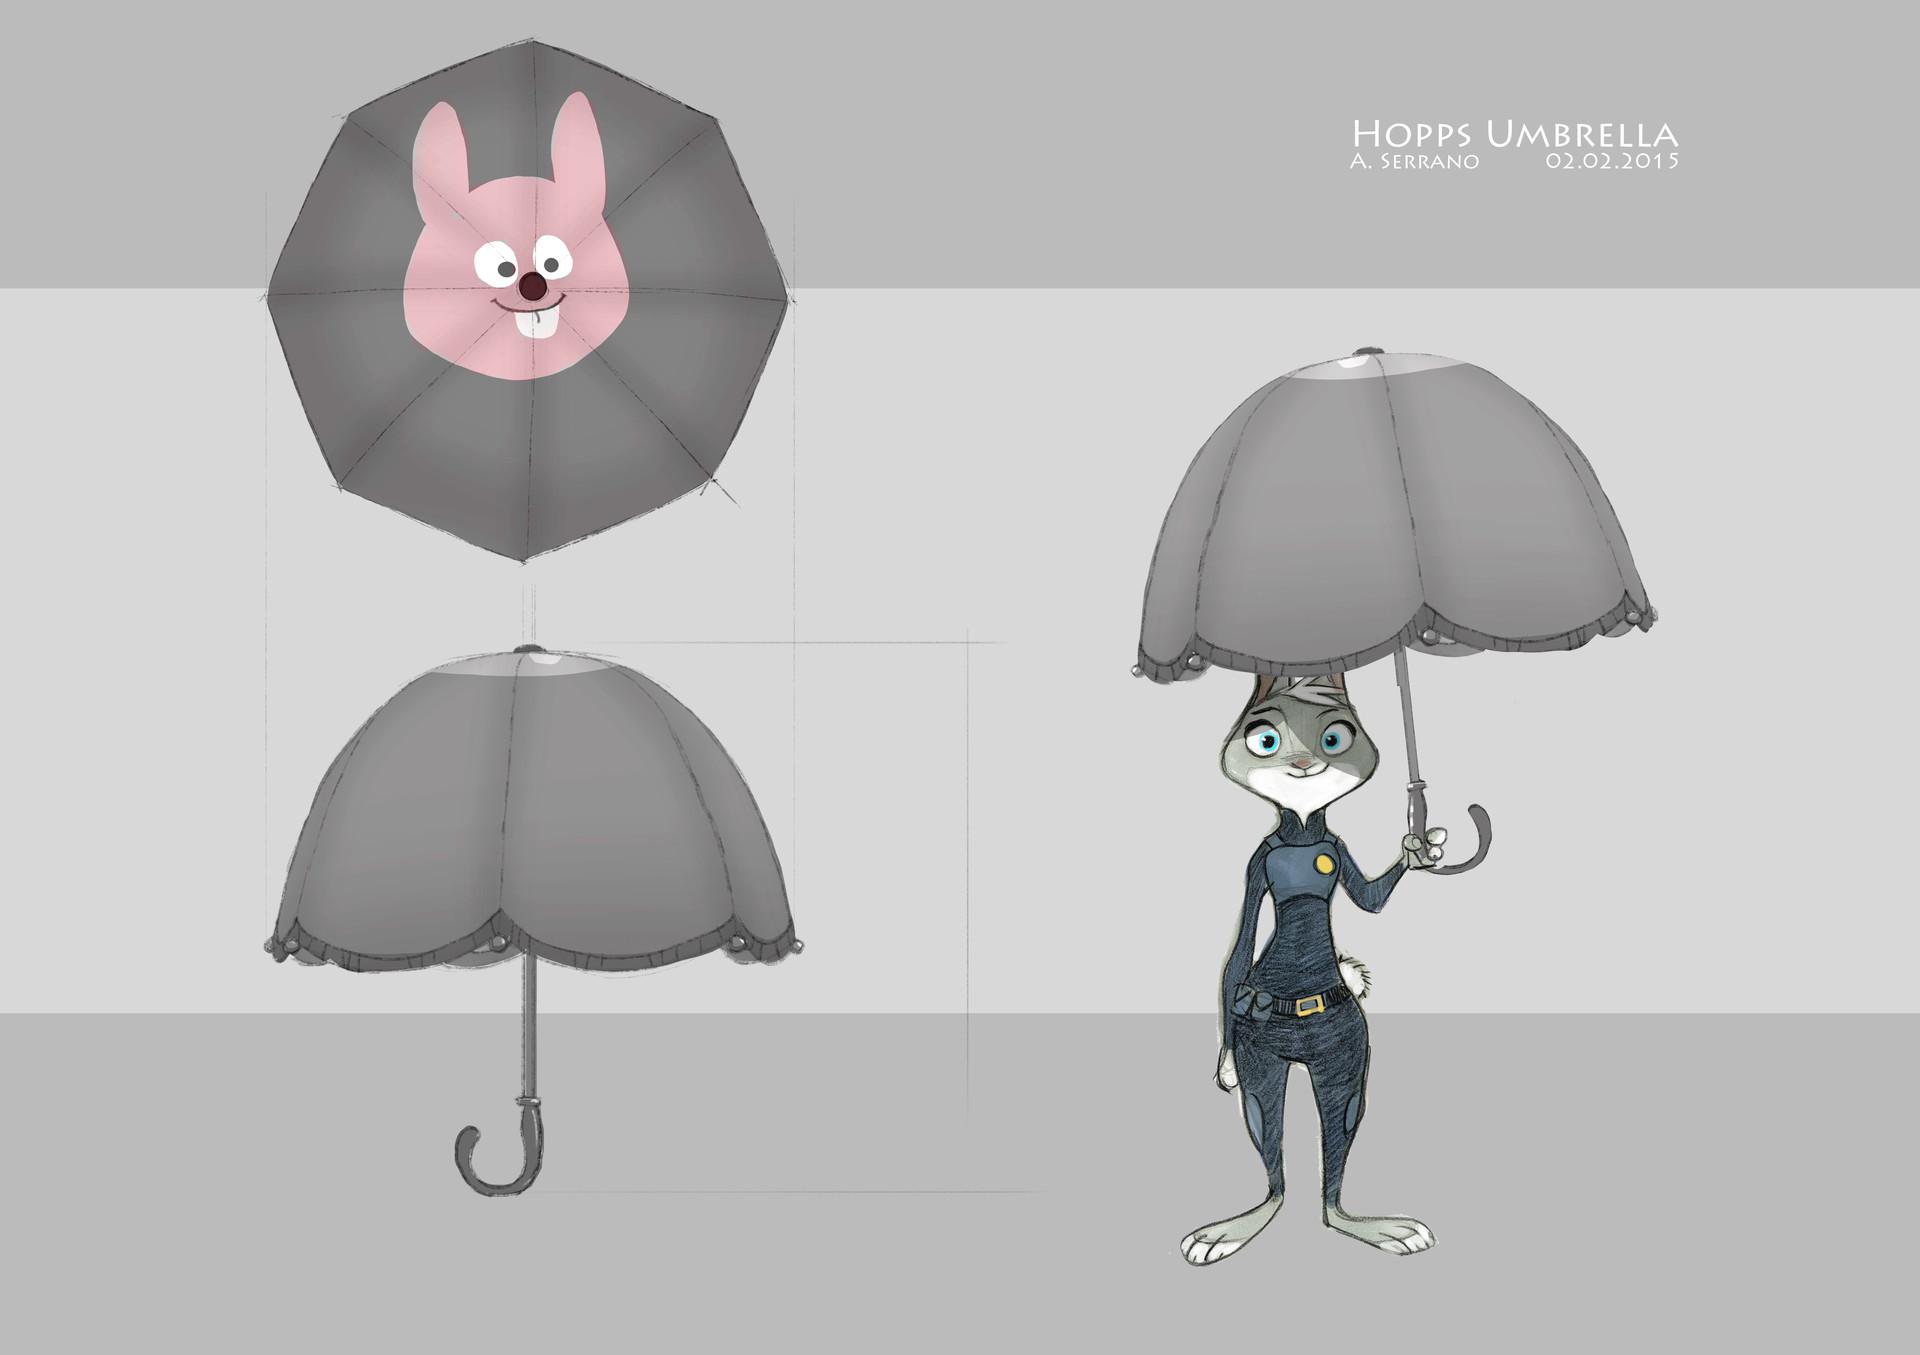 Judy's umbrella